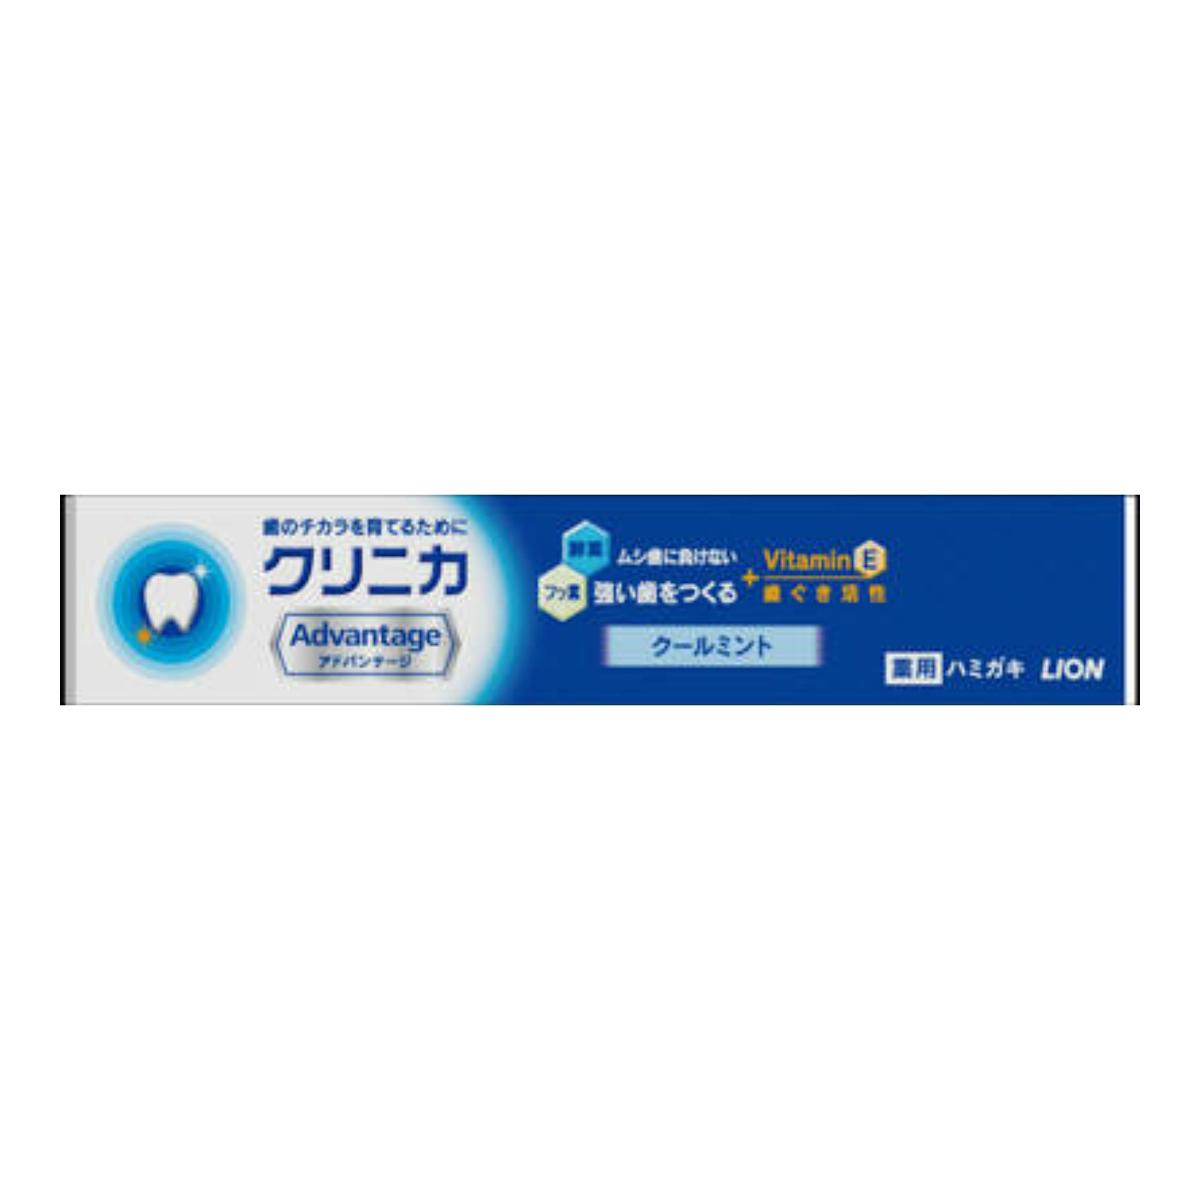 酵素で歯垢を分解し フッ素で歯質を強化 さらにビタミンEで歯を支える歯ぐきを活性化してムシ歯予防と健康な歯ぐきを保つ酵素配合ハミガキです 清涼感のあるクールミント GotoポイントUP 送料込 高い素材 NEW まとめ買い×3 歯磨き特売 アドバンテージ 清涼感のあるクールミントの香味 クールミント 4903301147831 クリニカ ライオン 医薬部外品×3点セット 30g